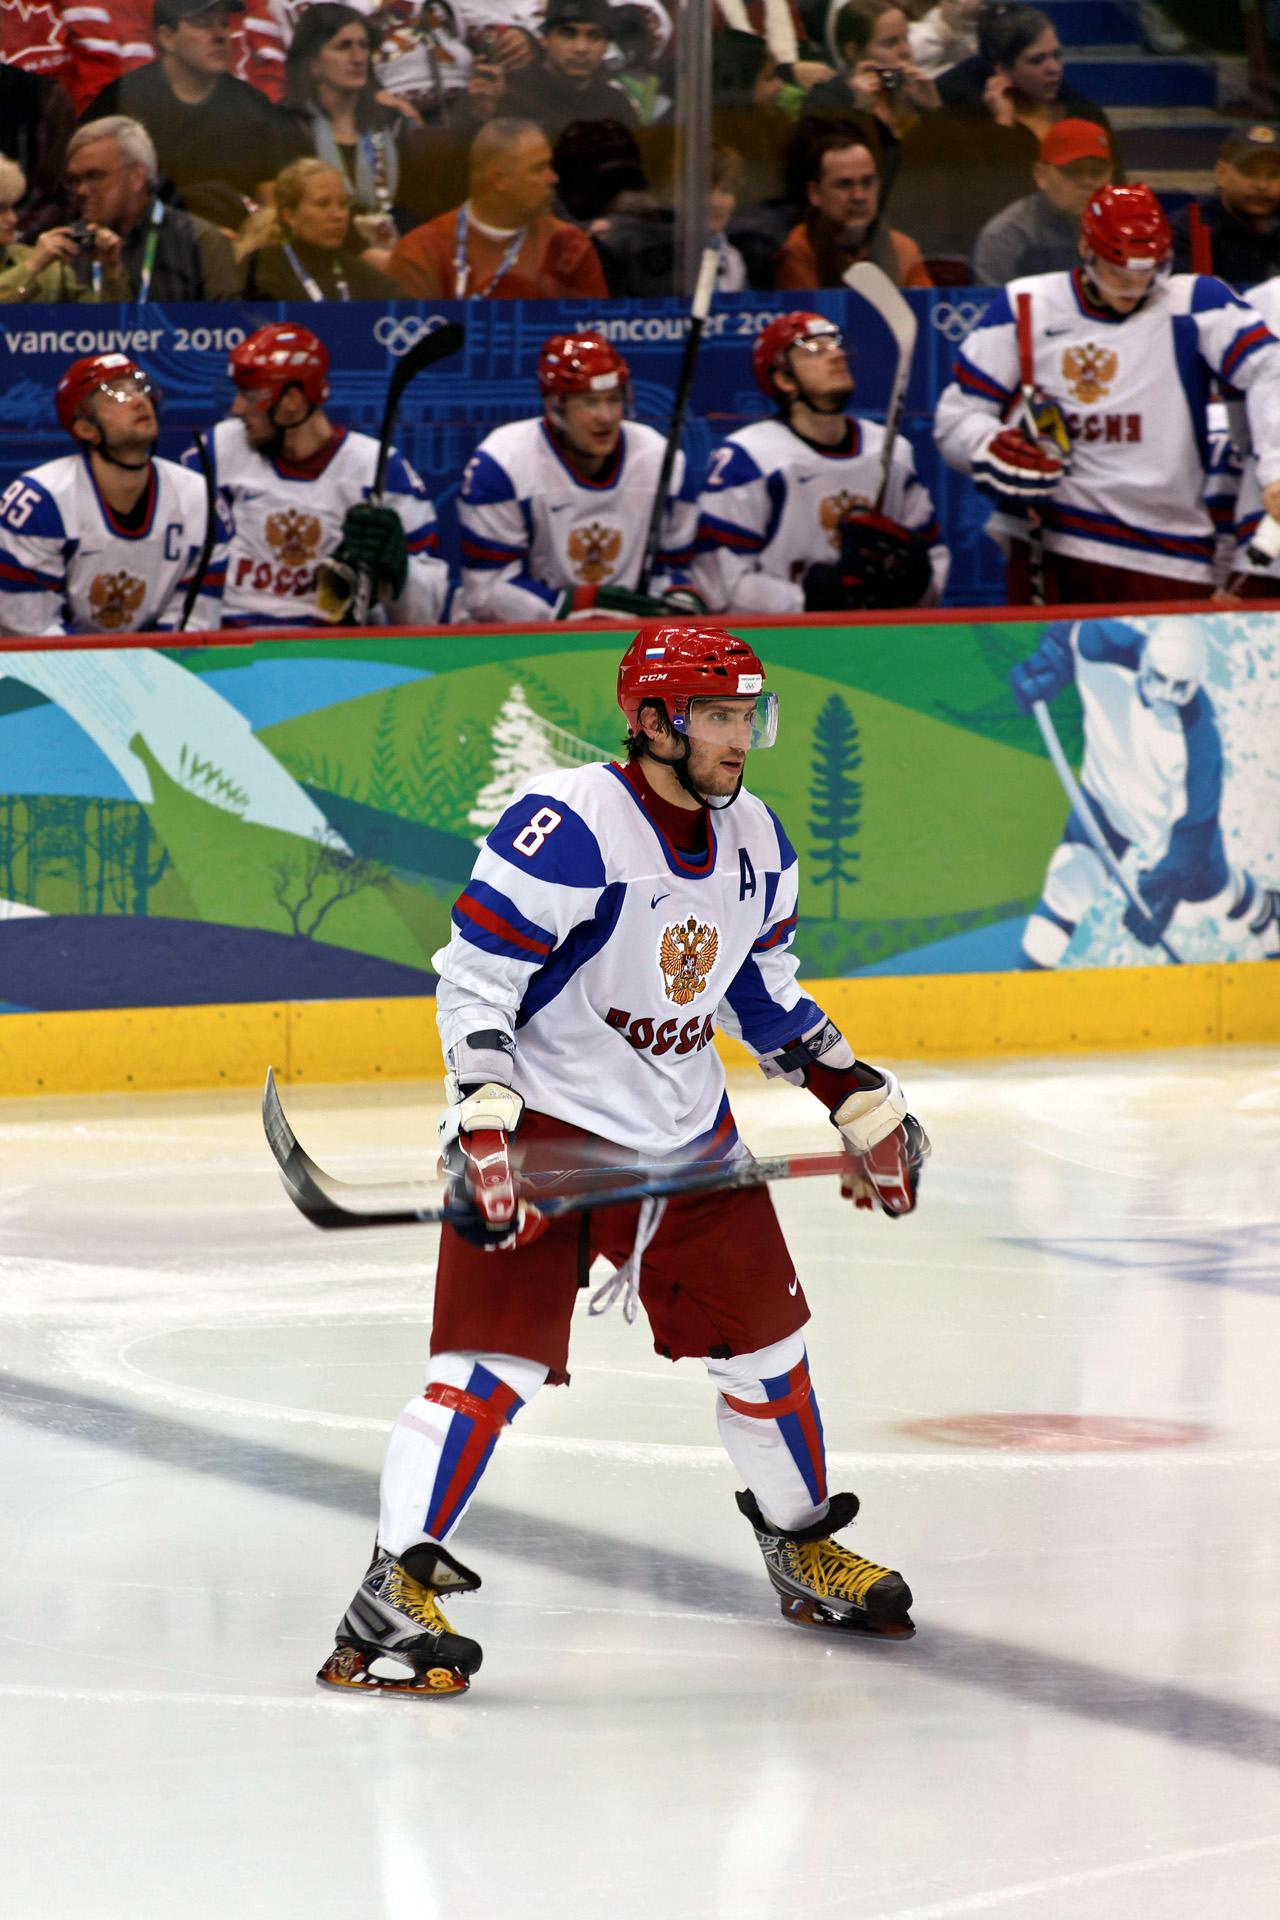 Canada 3-2 slovakia - mens ice hockey semi-final - vancouver 2010 winter olympics